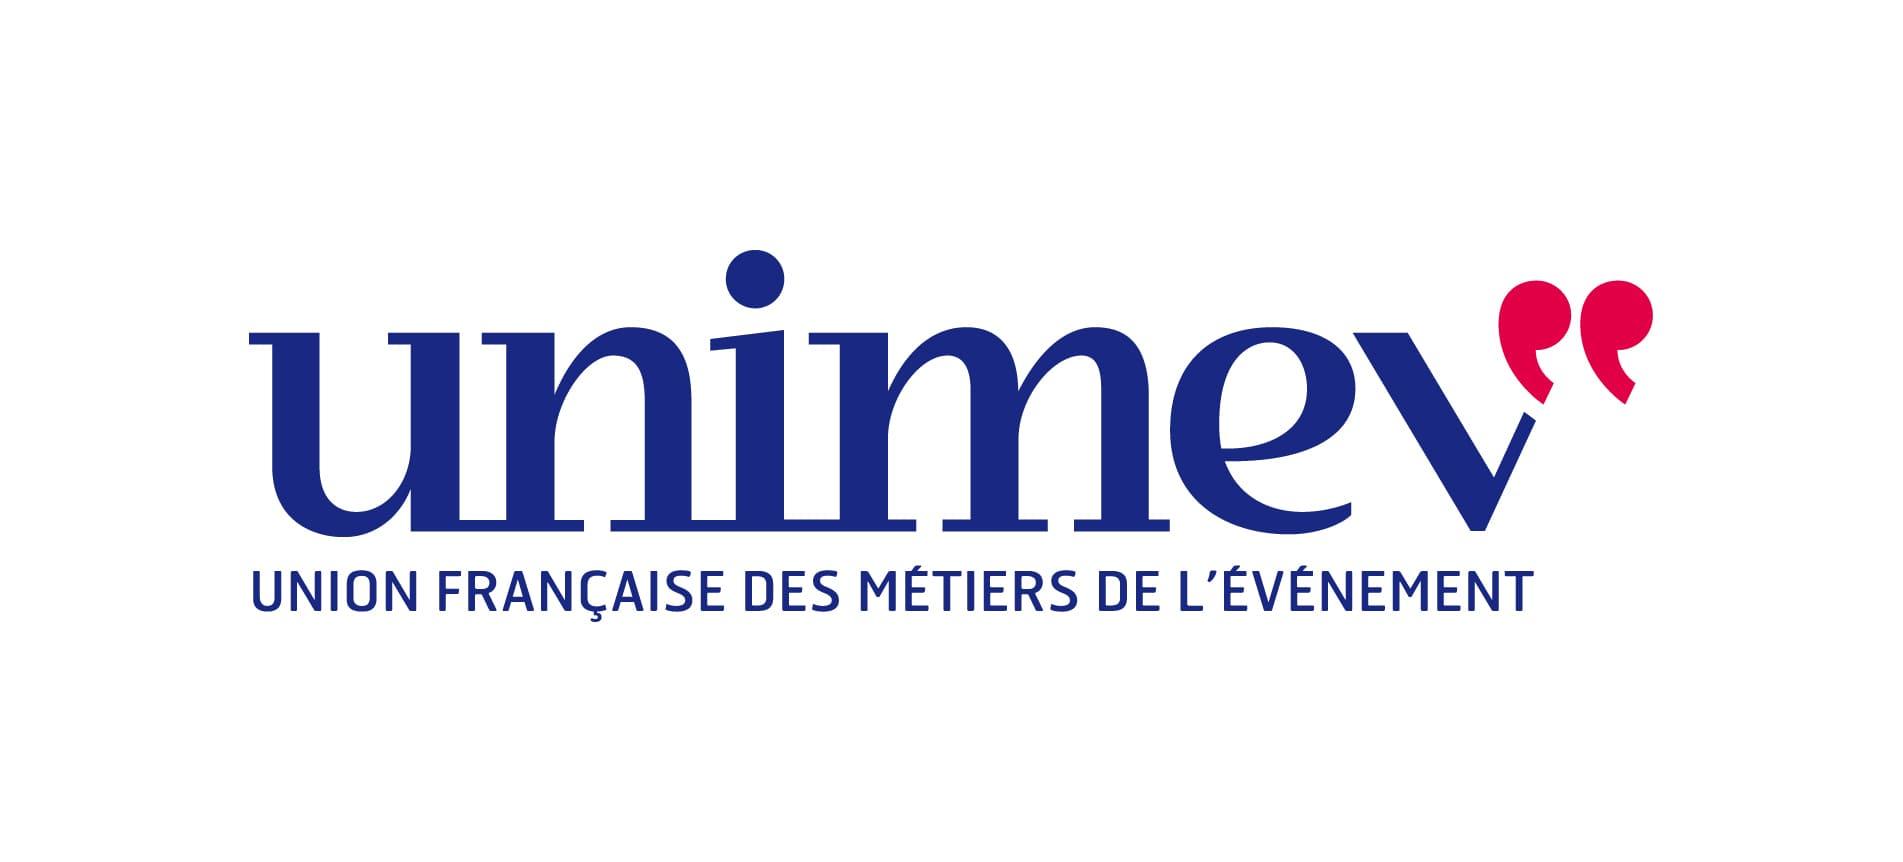 Union Française des Métiers de l'Événement